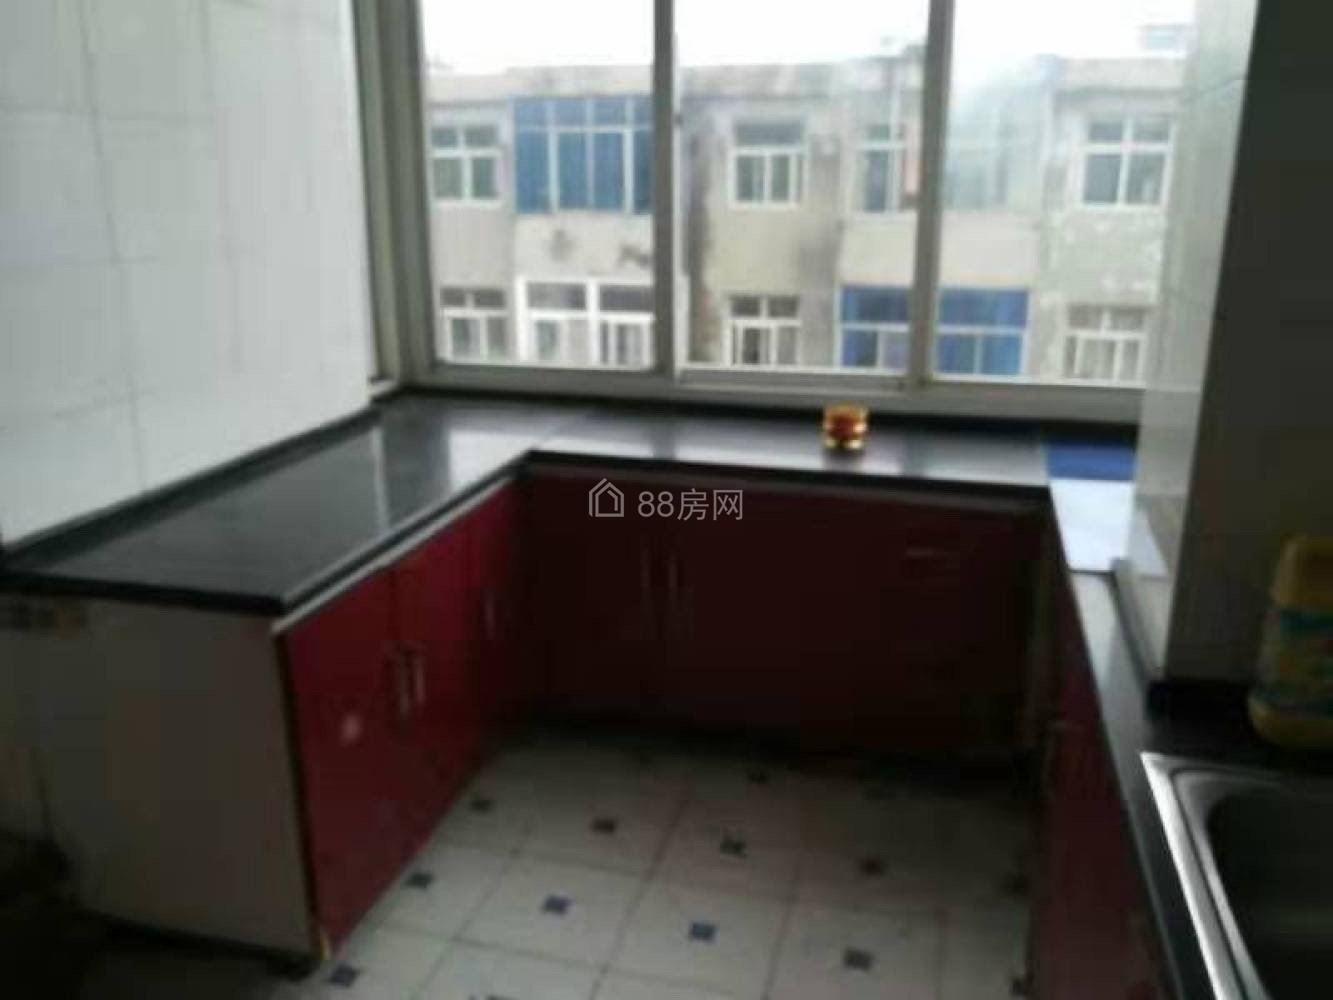 晋城四中 景德桥小学 太印小区 精装两室 拎包入住 随时看房